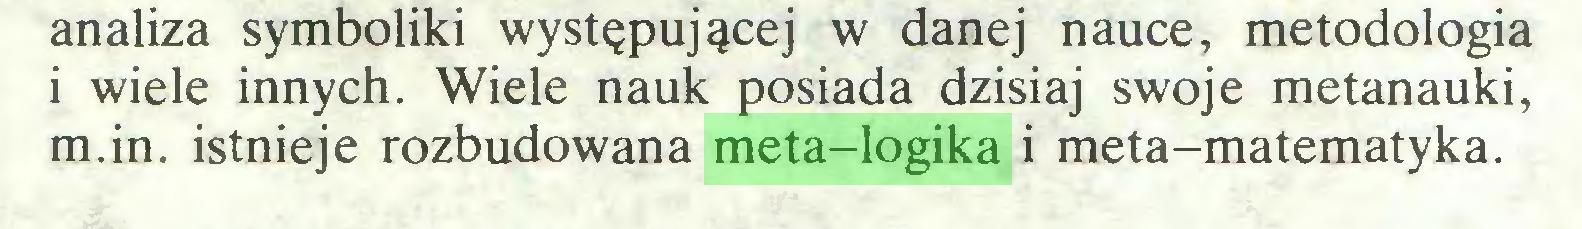 (...) analiza symboliki występującej w danej nauce, metodologia 1 wiele innych. Wiele nauk posiada dzisiaj swoje metanauki, m.in. istnieje rozbudowana meta-logika i meta-matematyka...